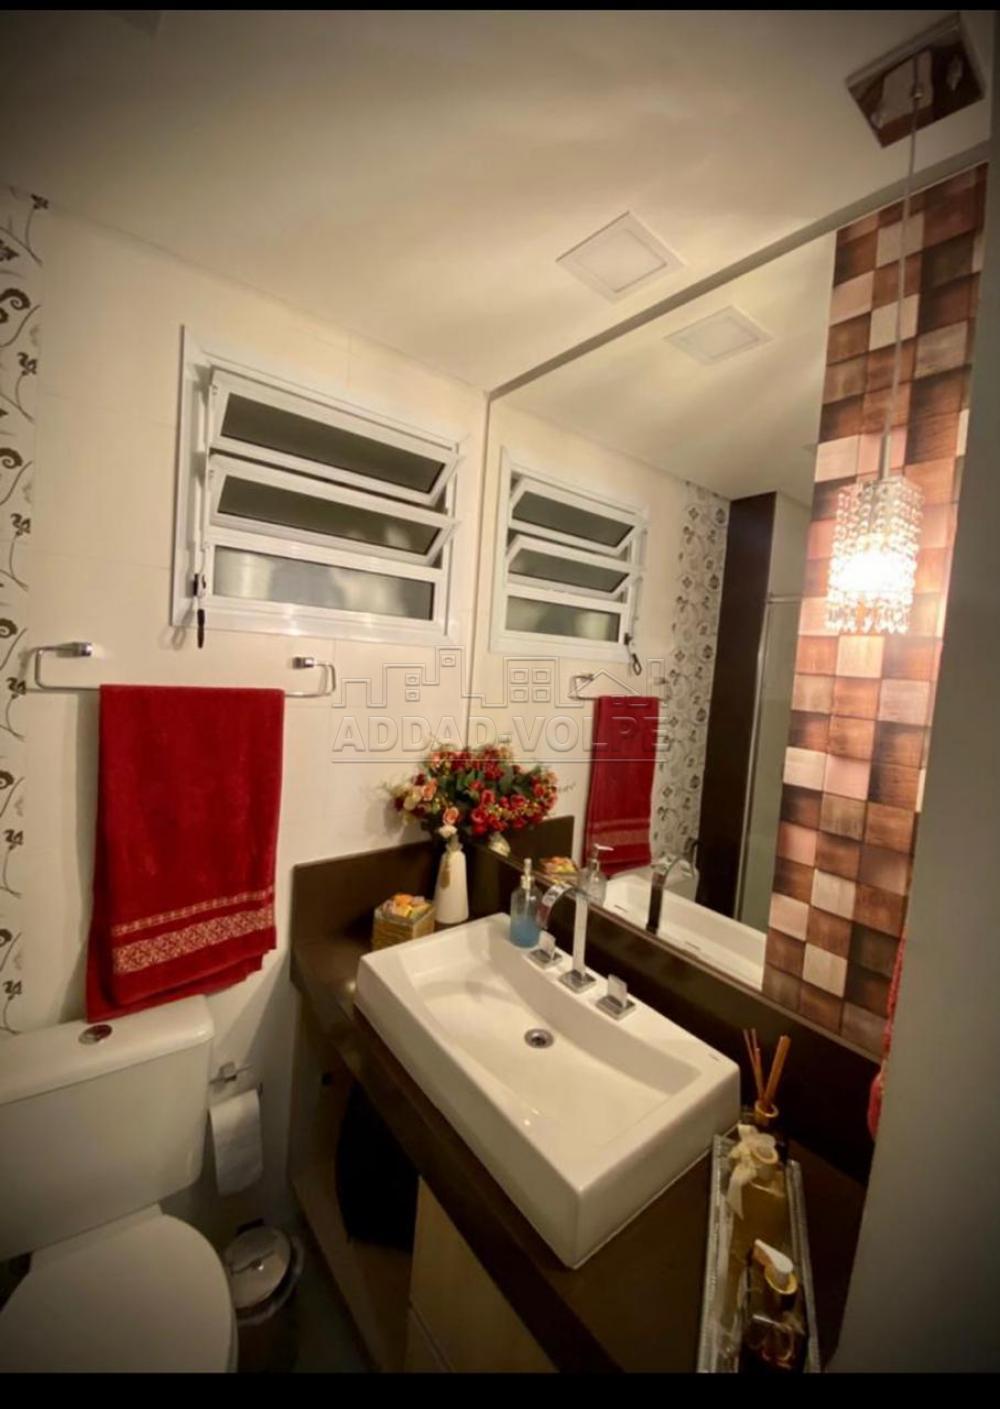 Comprar Apartamento / Padrão em Bauru R$ 470.000,00 - Foto 30